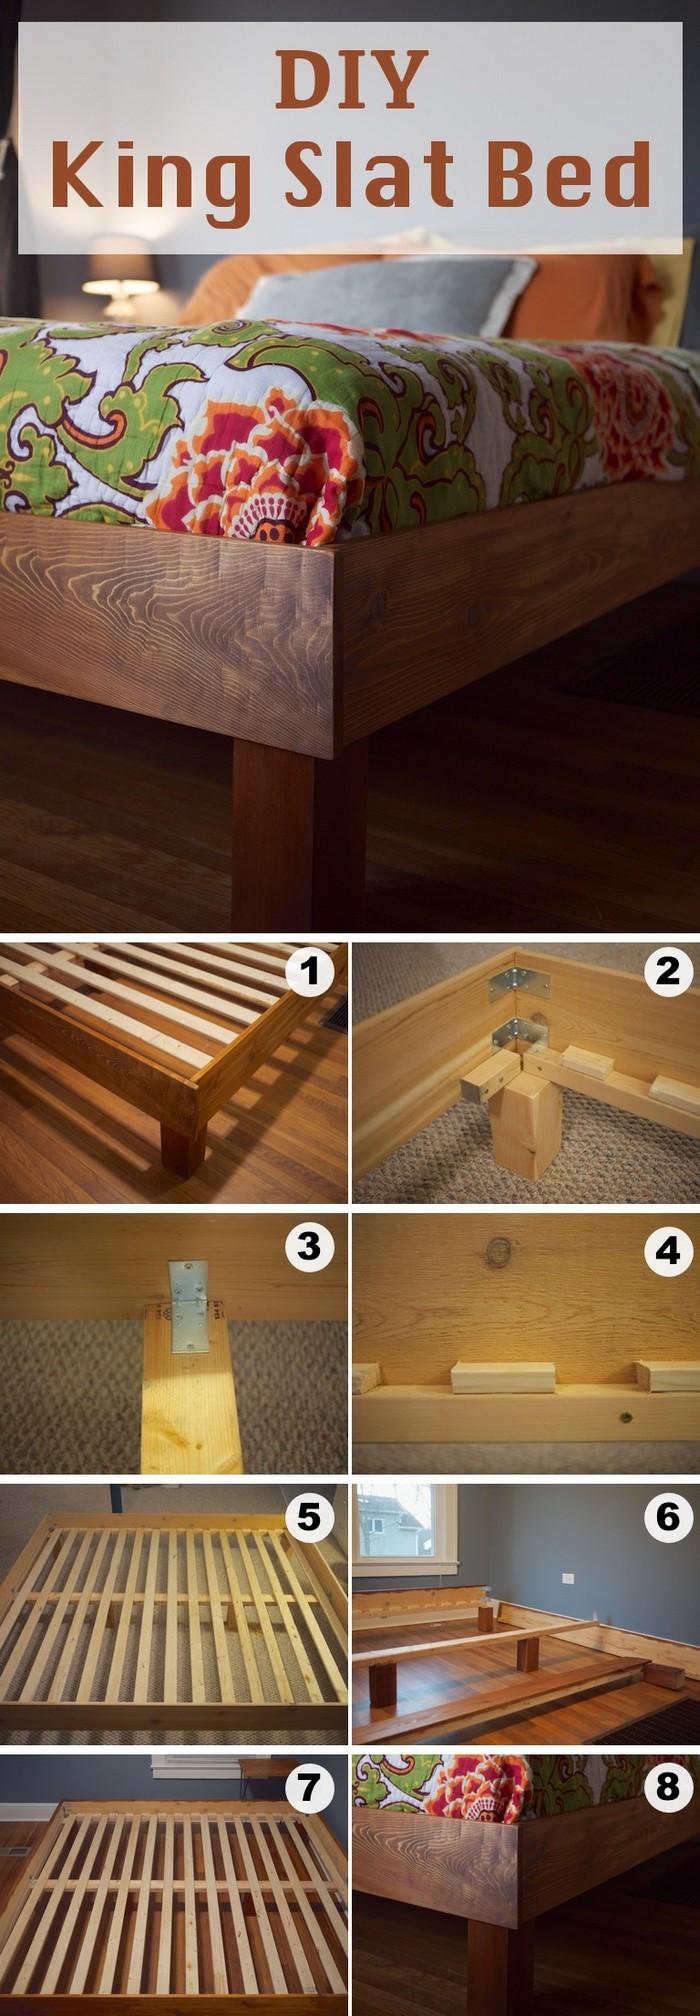 DIY King Slat Bed - diy bed frame - DIY Bed Plans -diy bed